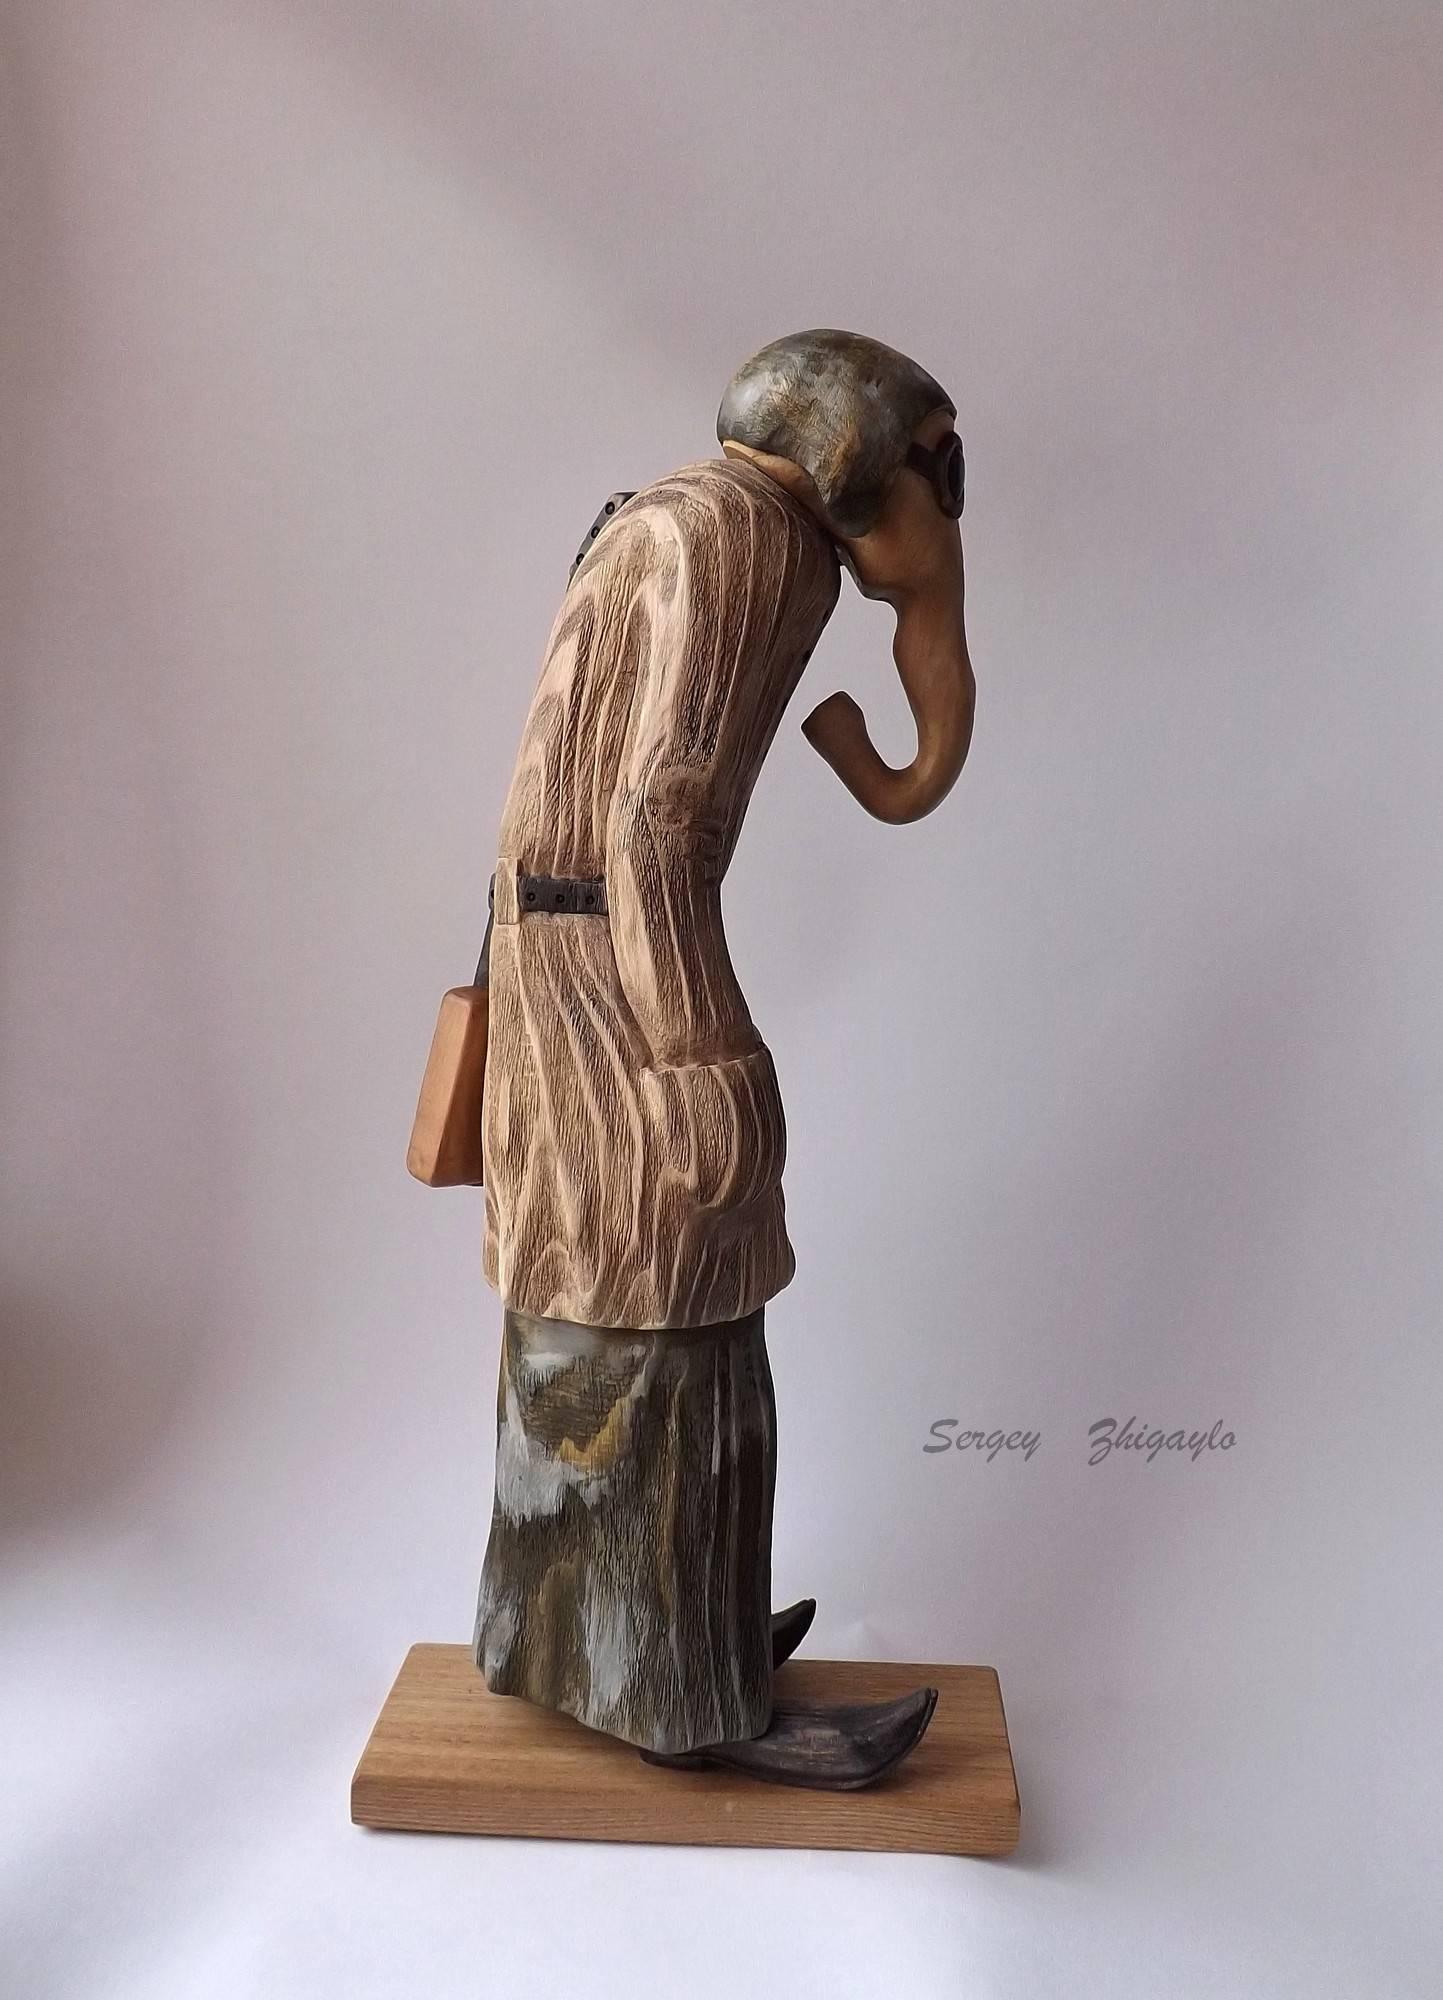 """""""Бродячий музыкант"""" - дерево (береза, сосна), 42 см. """"Vagrant musician"""" - wood (birch, pine), 42 cm."""